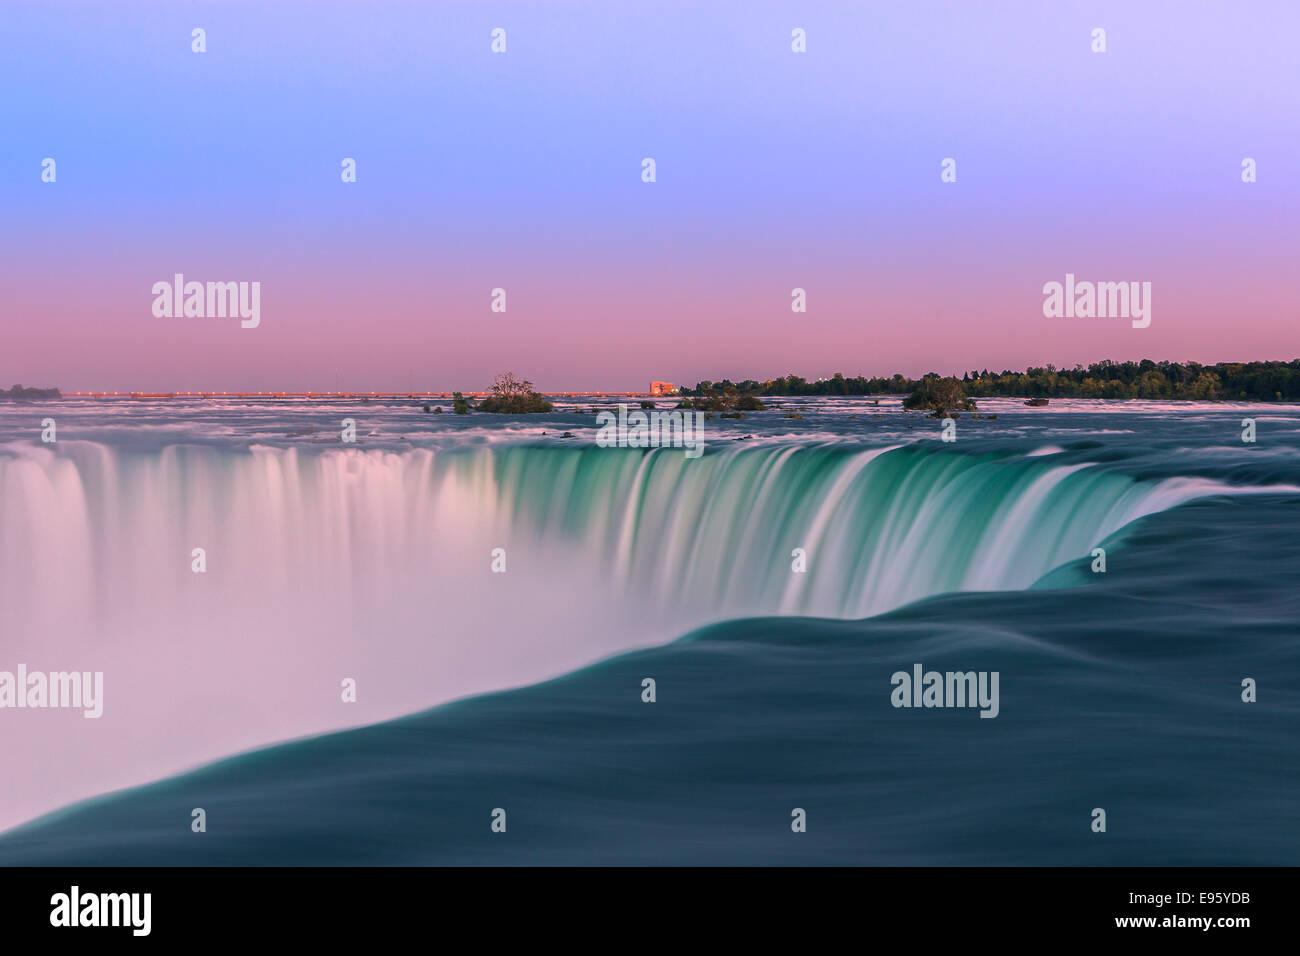 Cascate Horseshoe al tramonto, parte del Niagara Falls, Ontario, Canada. Immagini Stock